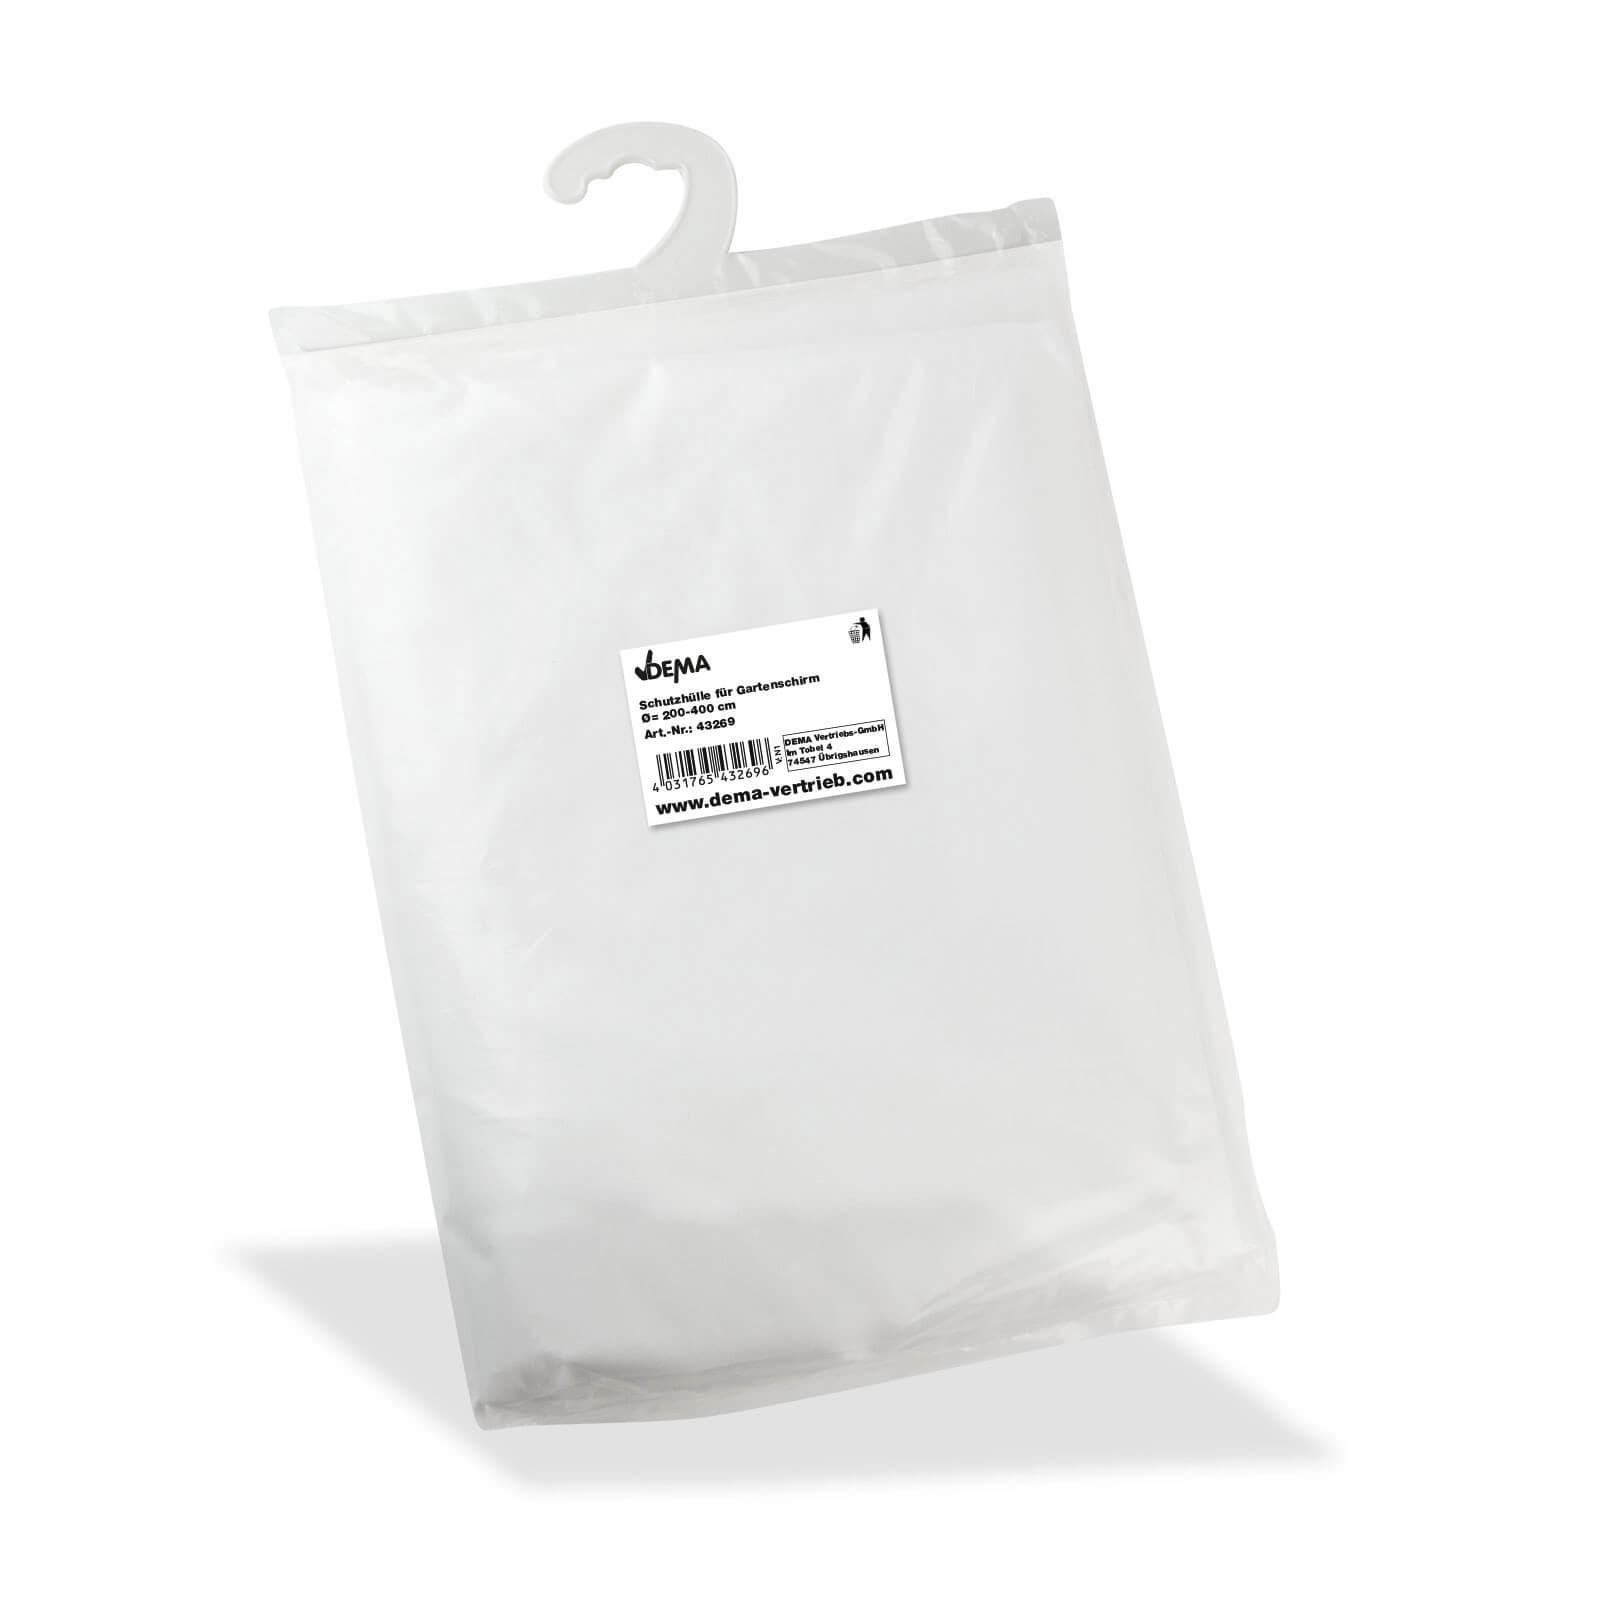 Dema Schutzhülle Abdeckung Hülle für Gartenschirm Sonnenschirm Ø = 200 - 300 cm 43269